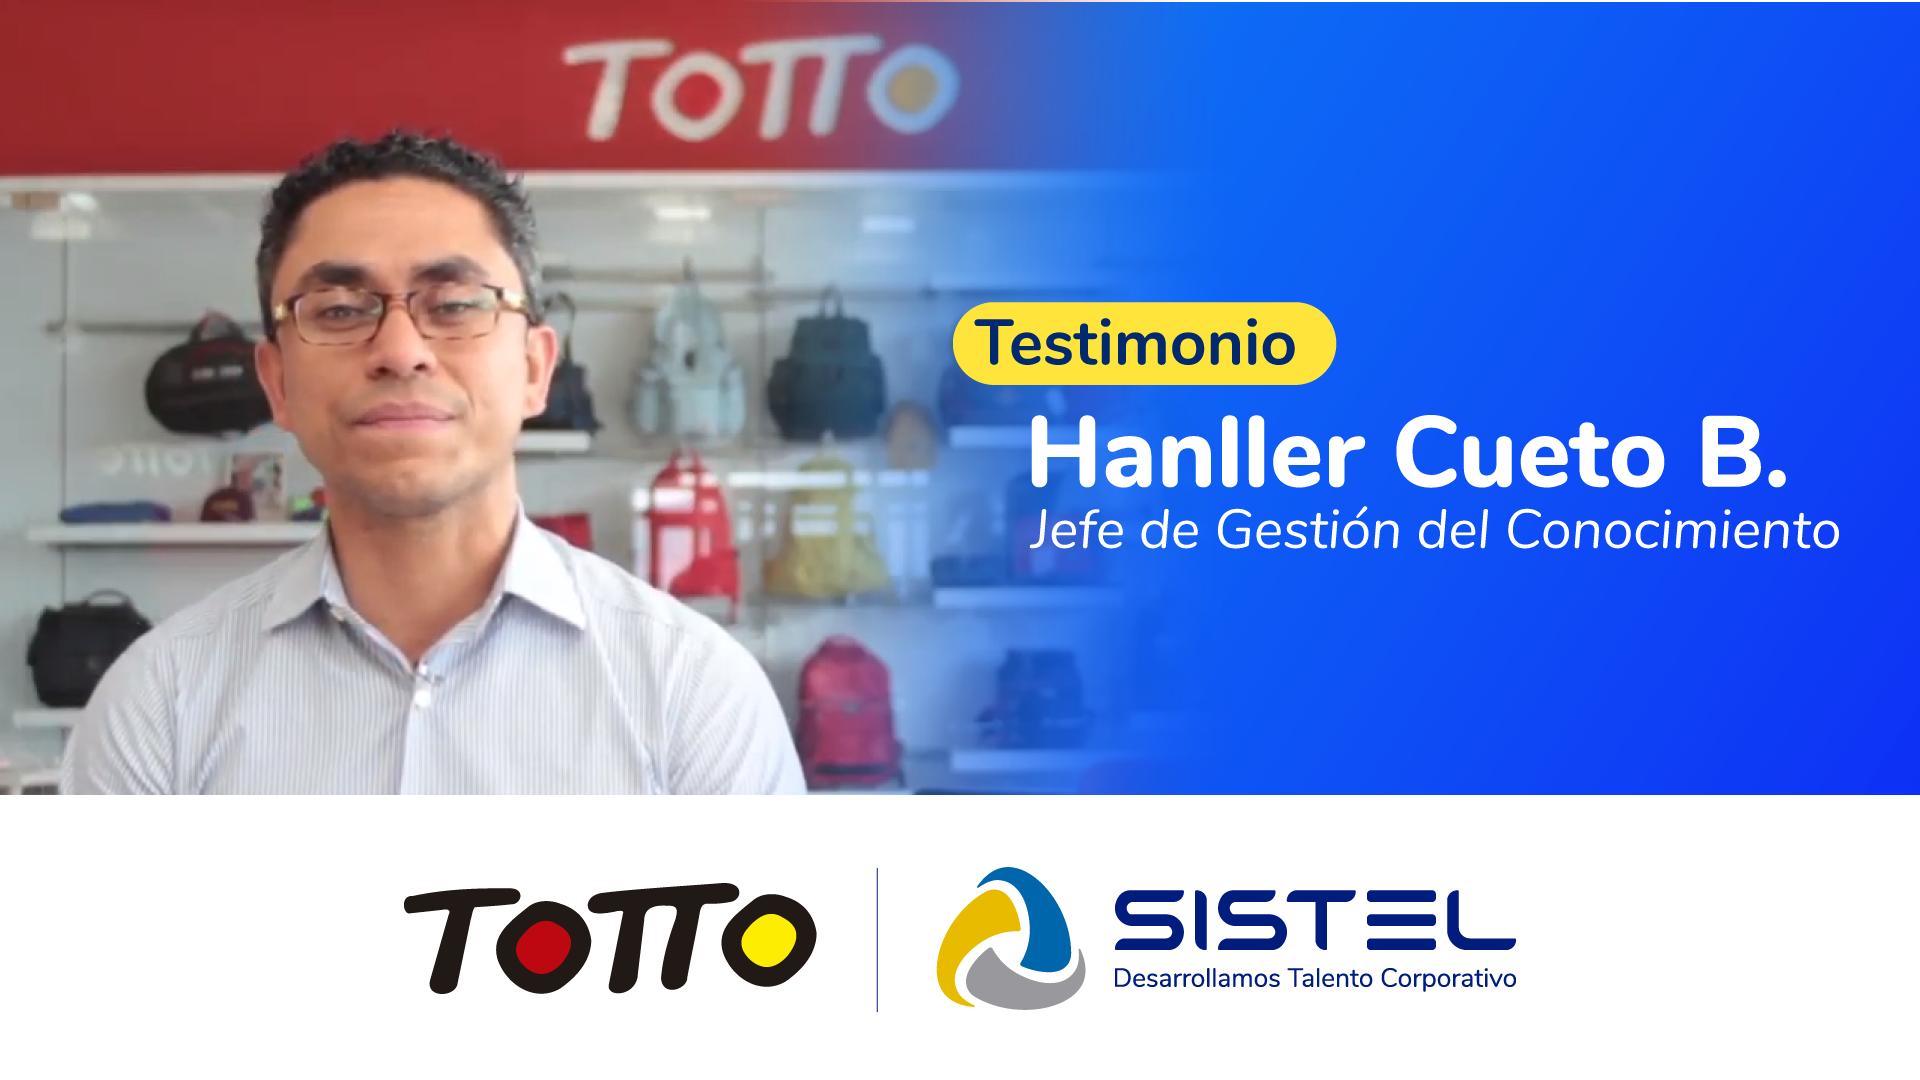 Testimonio Totto Sistel